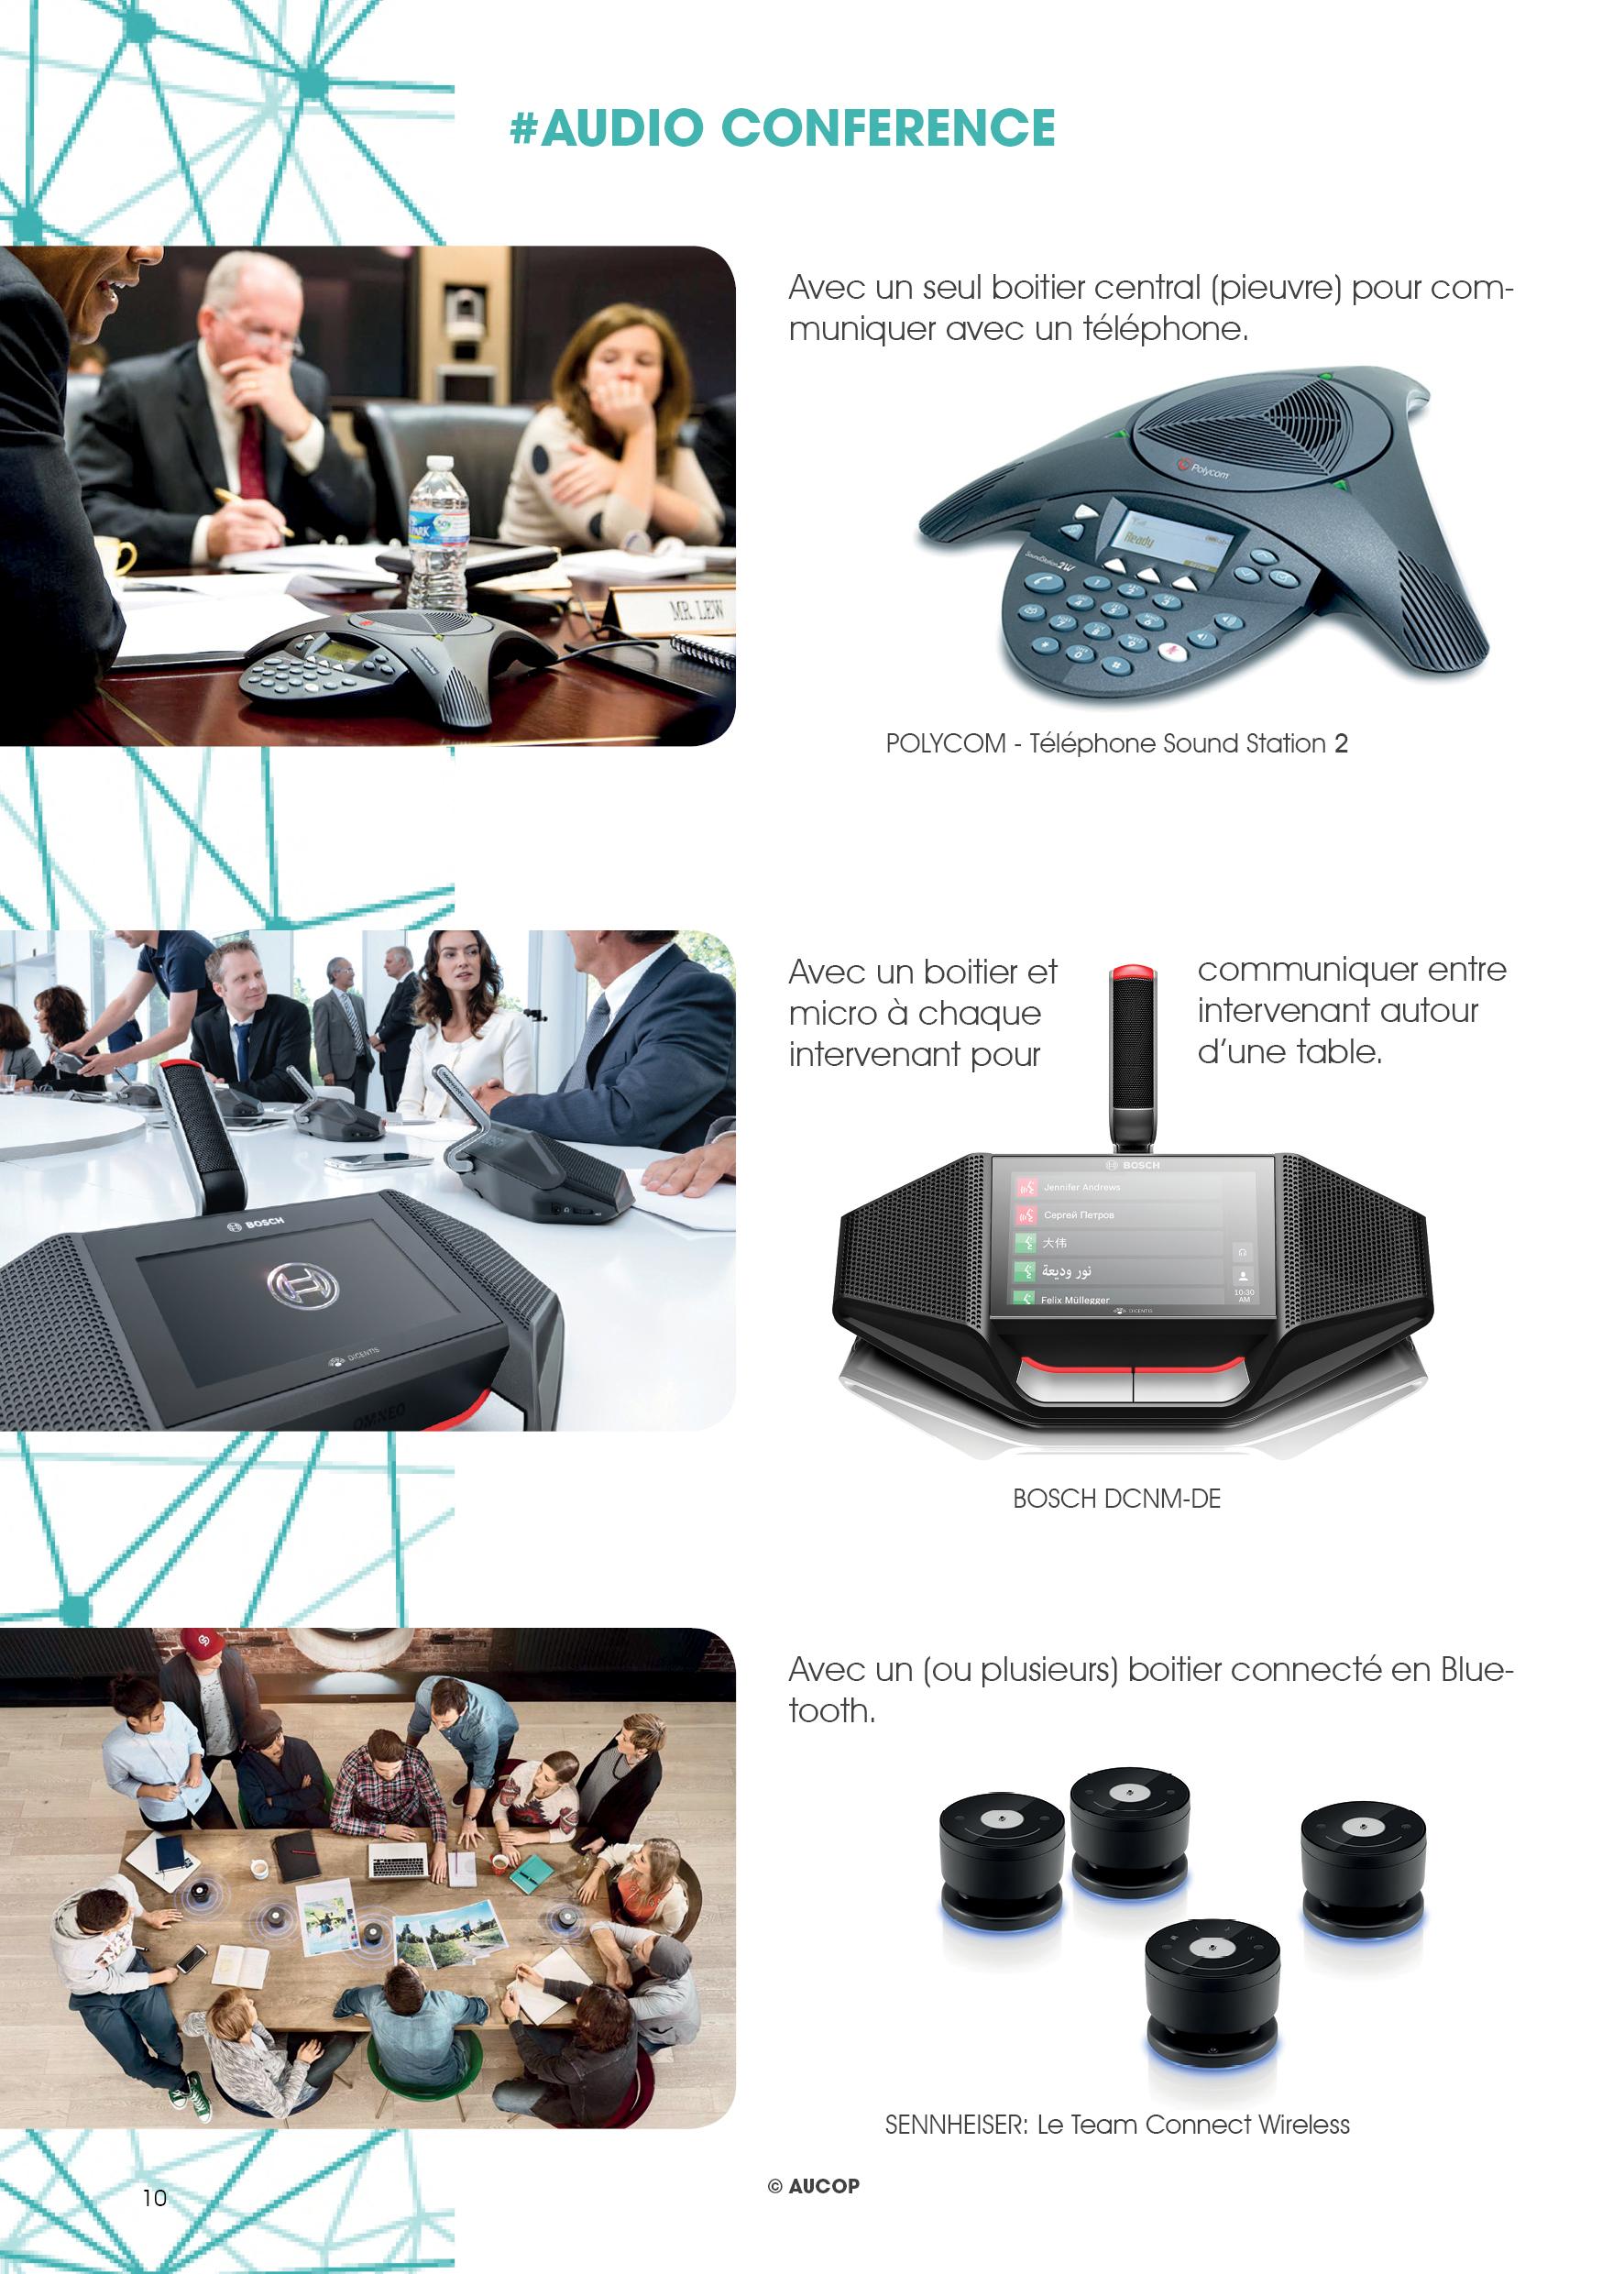 kit de prod by Aucop - audio conference - bosch-bosch dcnmde-conference-evenement-evenementiel-aucop-sennheiser-team connect